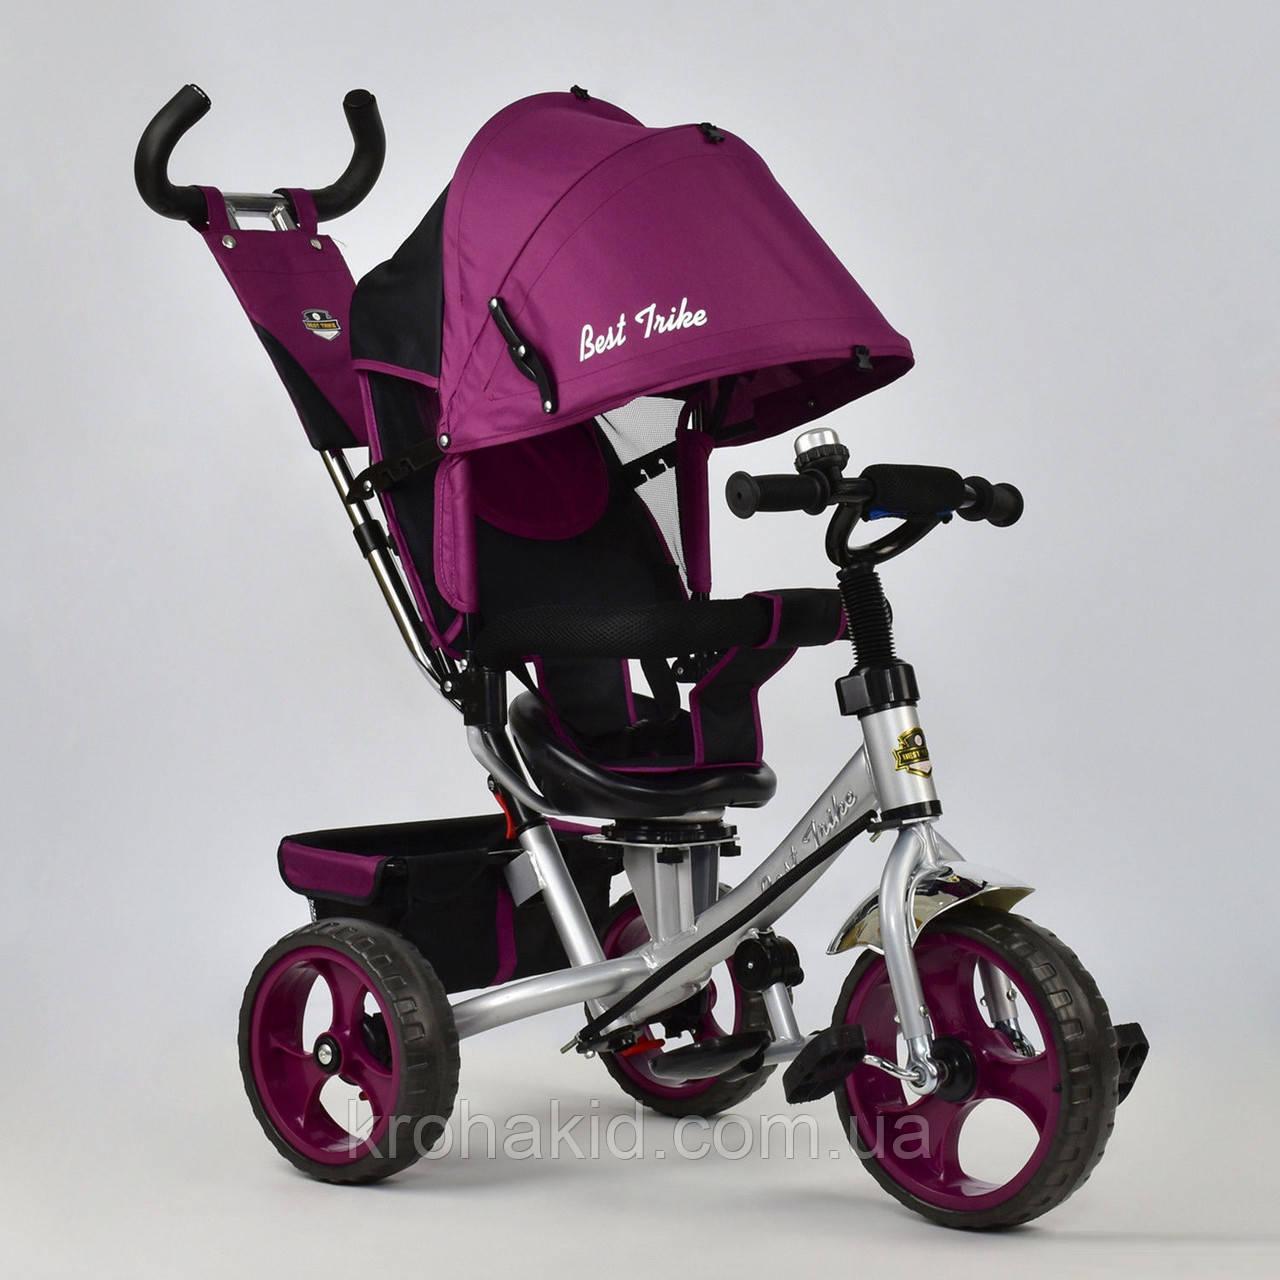 Велосипед трехколесный 5700 - 4450 ФИОЛЕТОВЫЙ ПОВОРОТНОЕ СИДЕНЬЕ, КОЛЕСА EVA (ПЕНА)